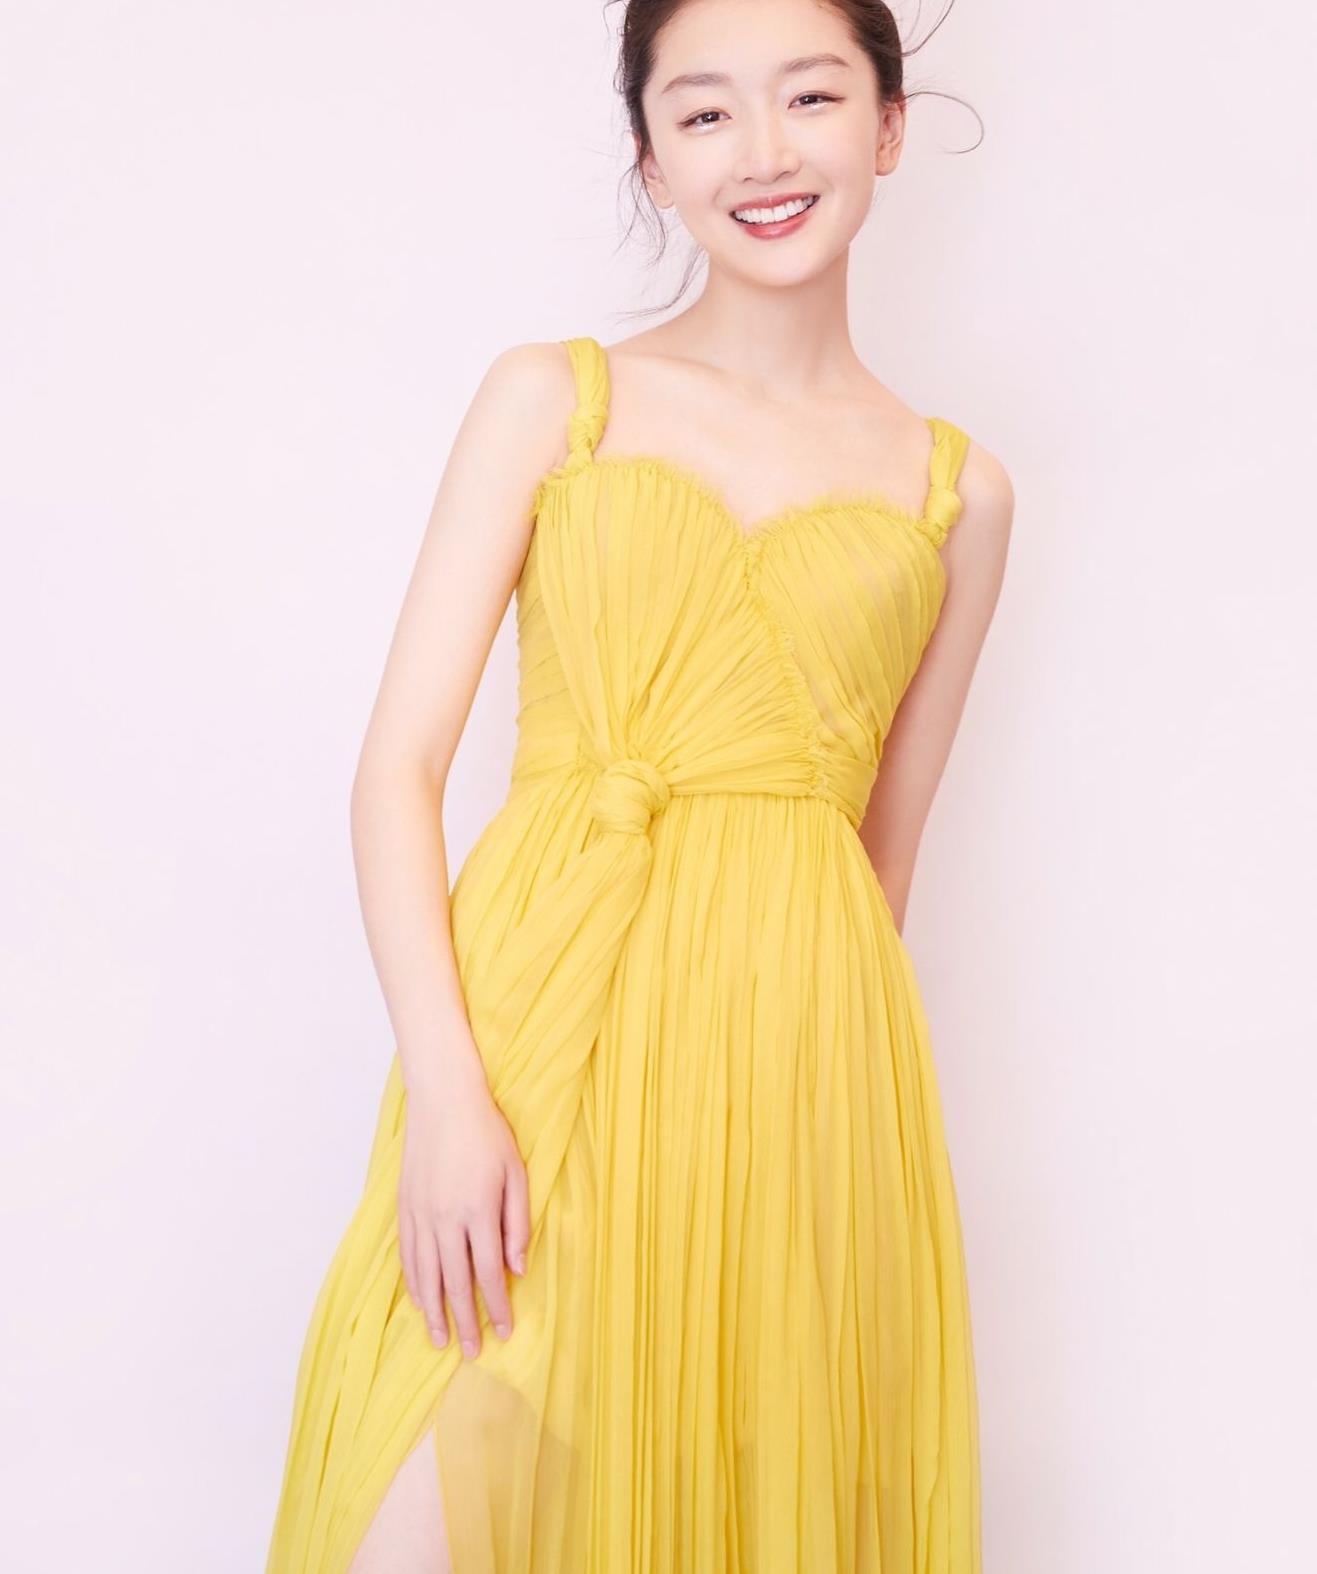 周冬雨好适合穿黄色系,一袭连衣裙,像小太阳